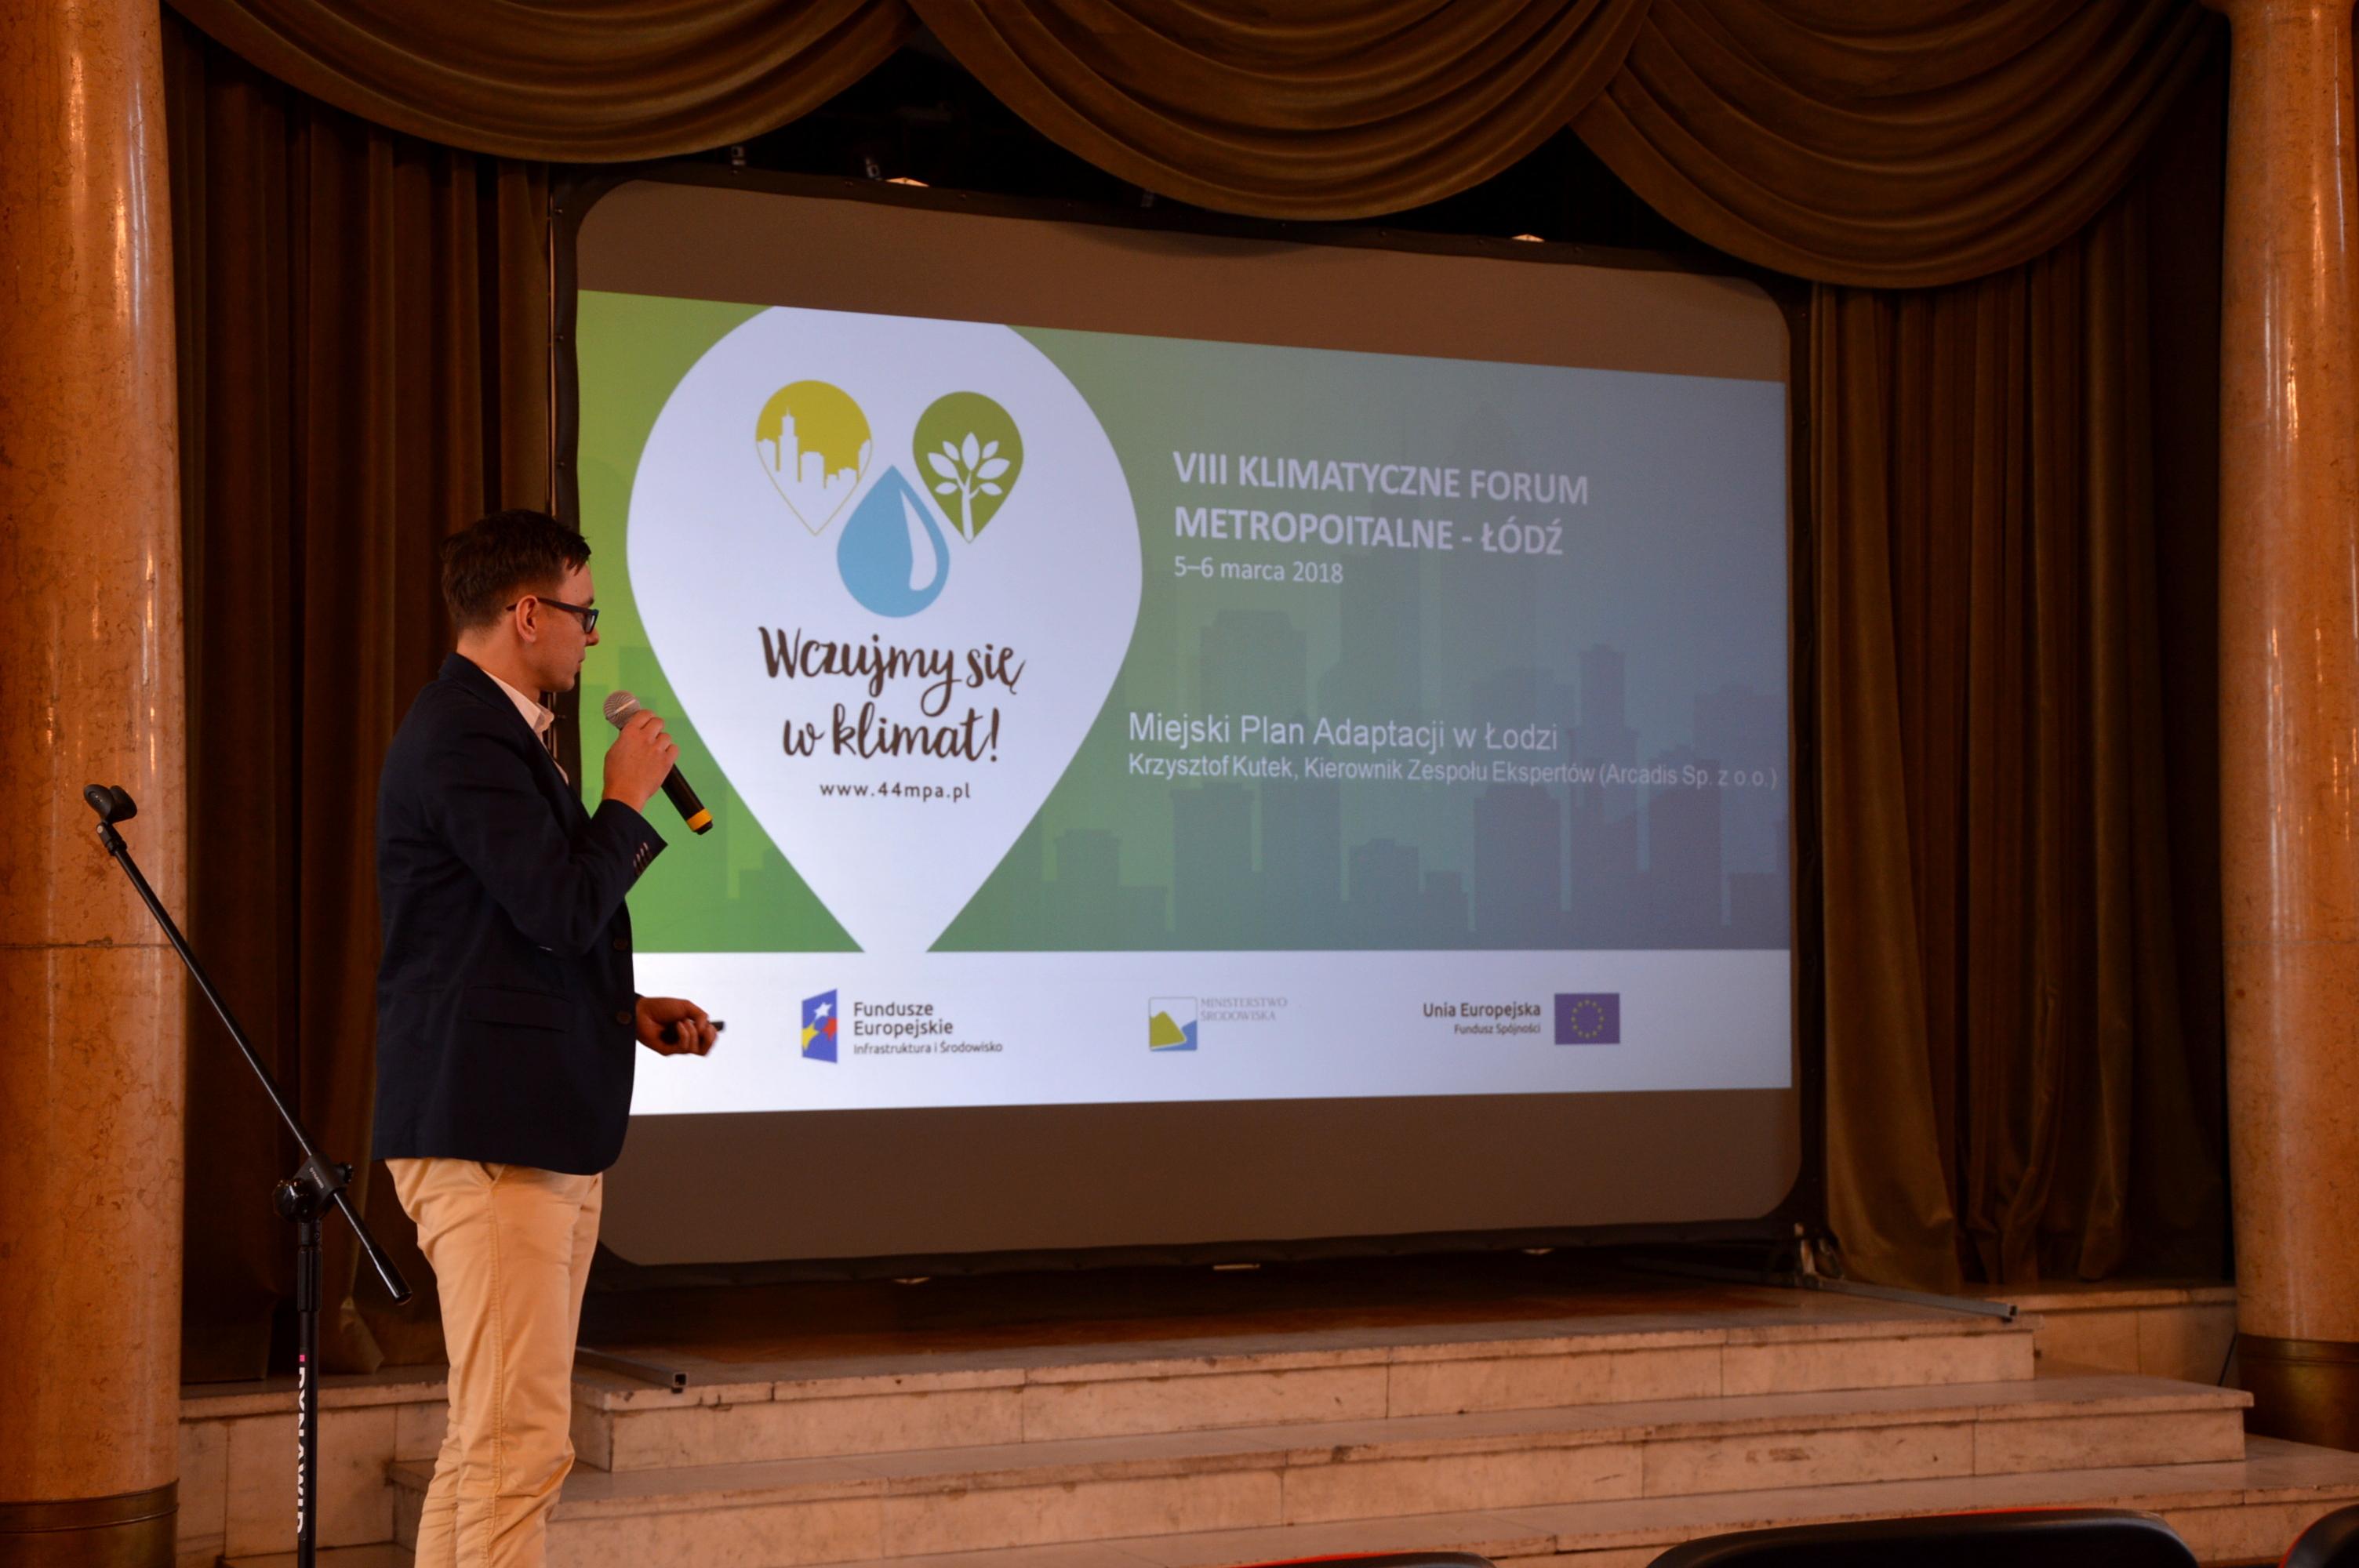 Lodz 1 - VIII Klimatyczne Forum Metropolitalne w Łodzi: zielone miasto i dobry klimat